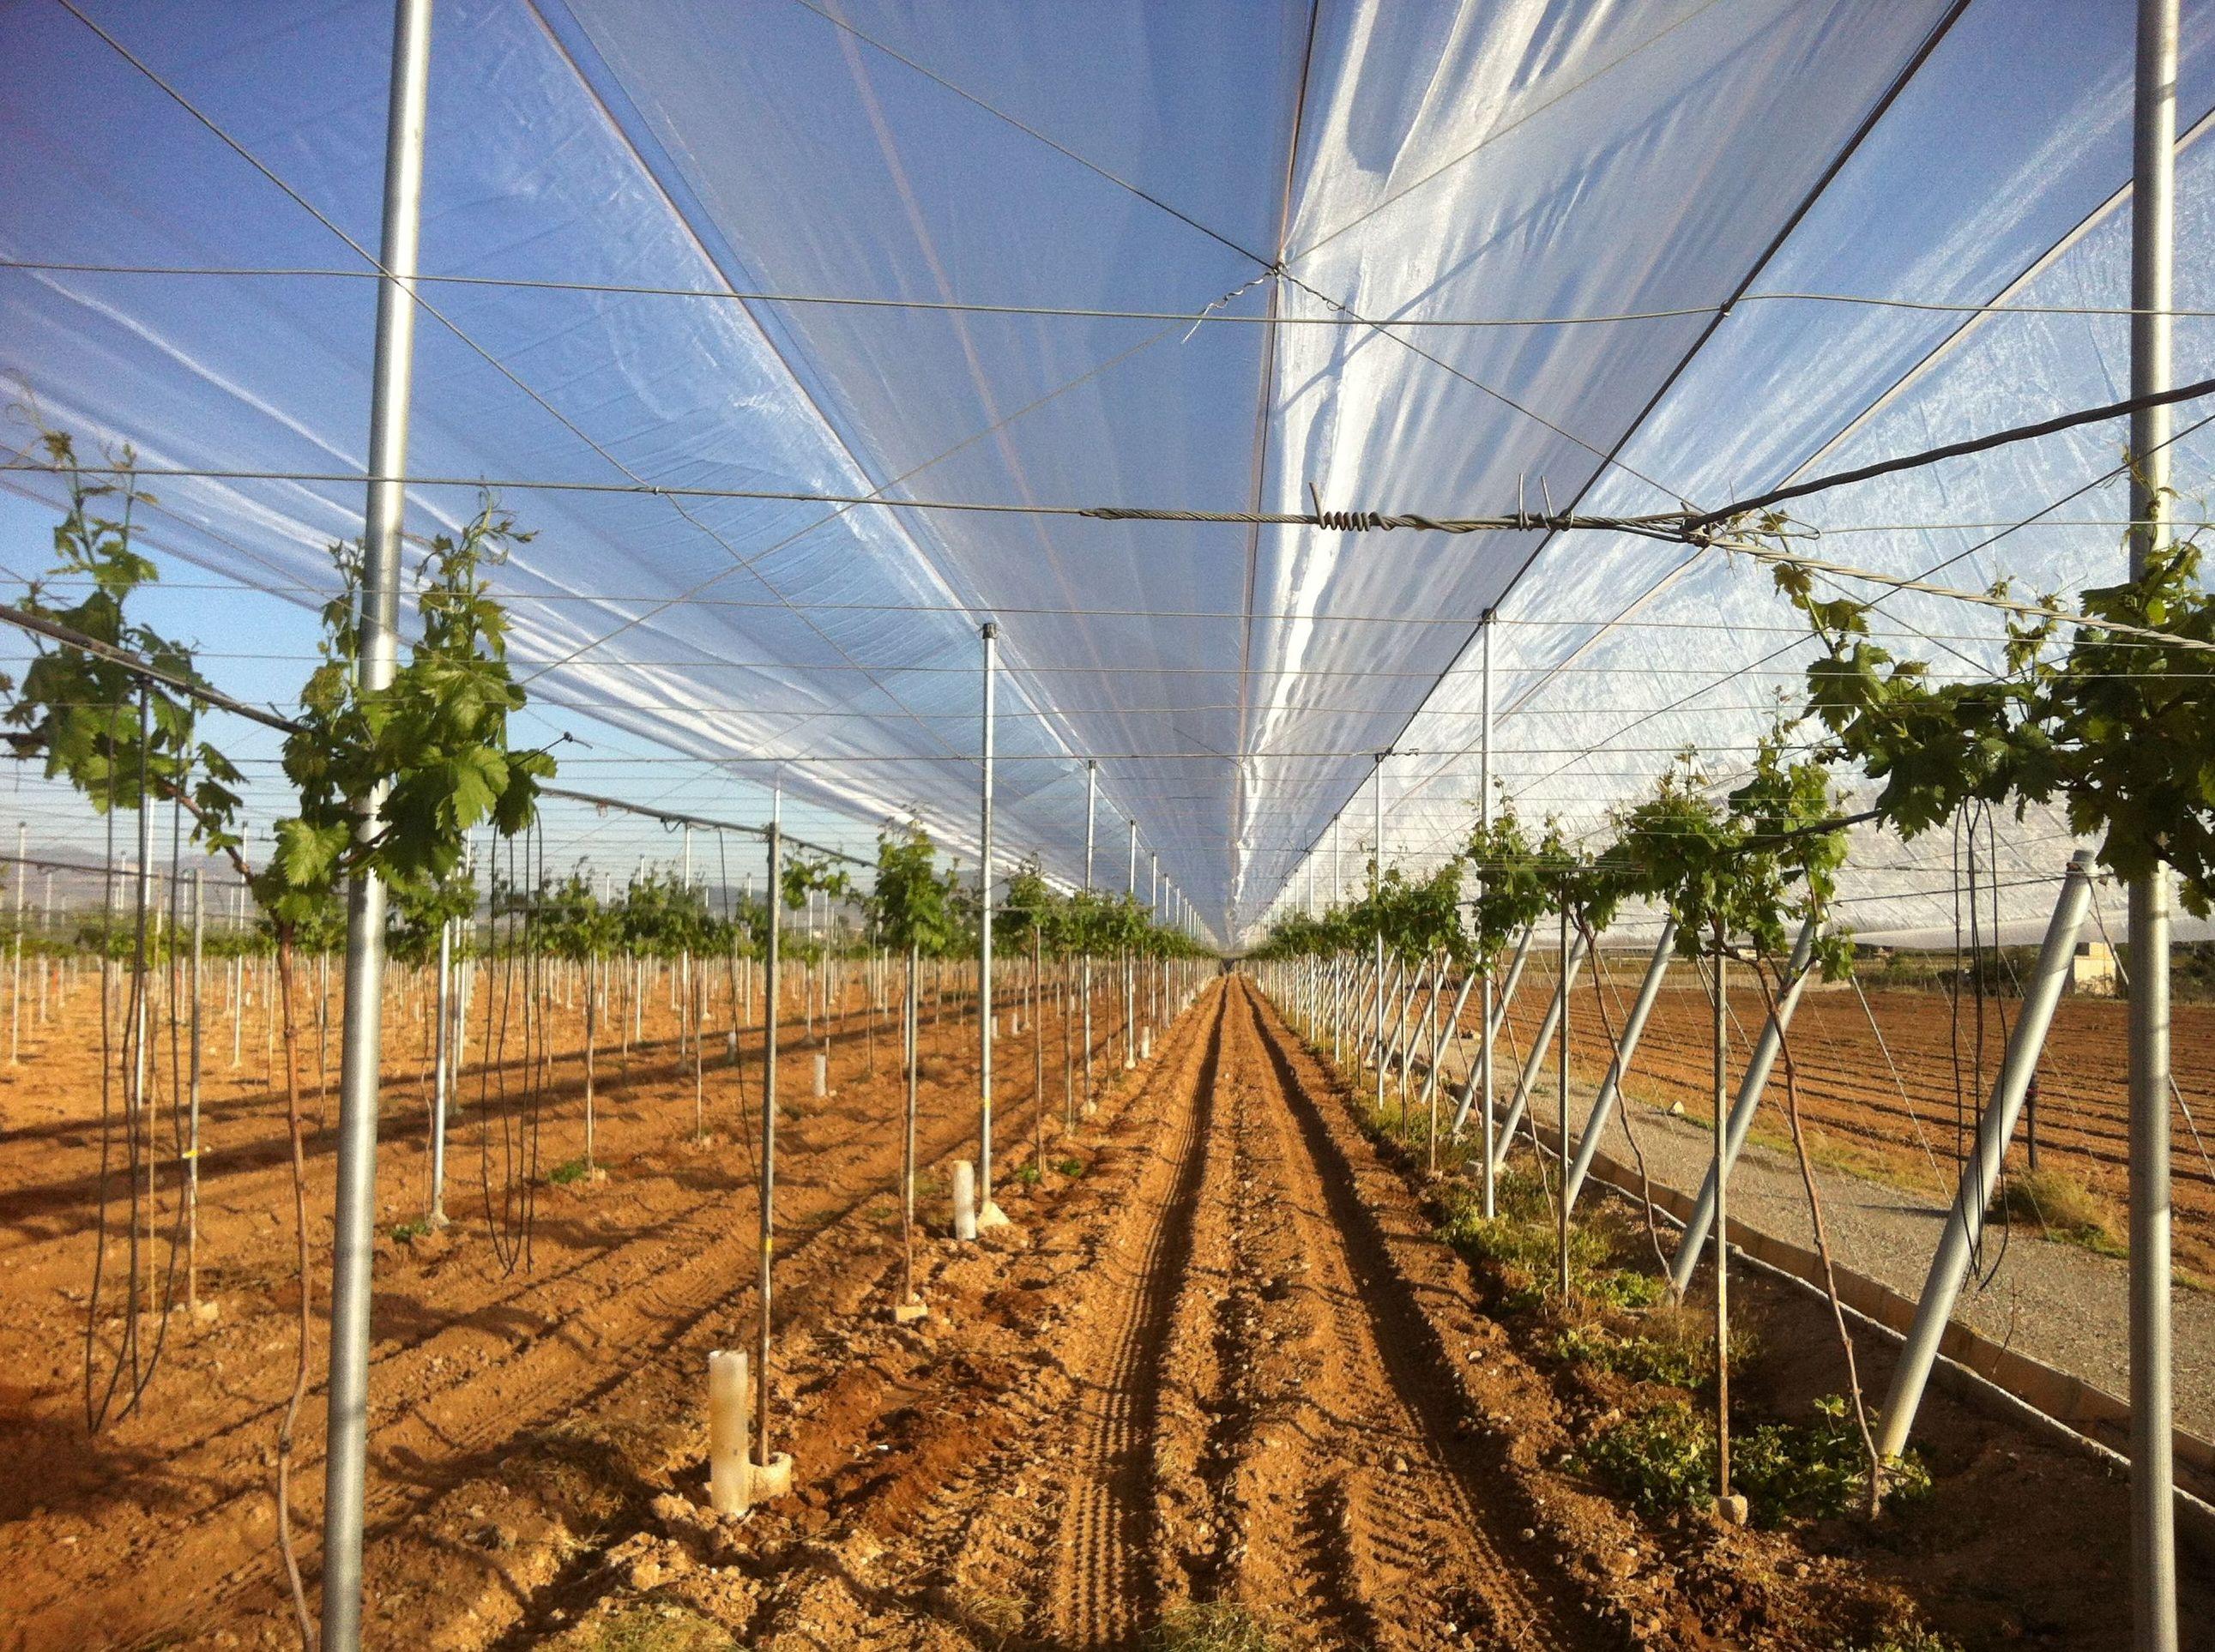 Foto 86 de Infraestructuras y trabajos agrícolas en La Murada – Orihuela | Mantenimiento y Estructuras Agrícolas Mateo e Hijo, S.L.